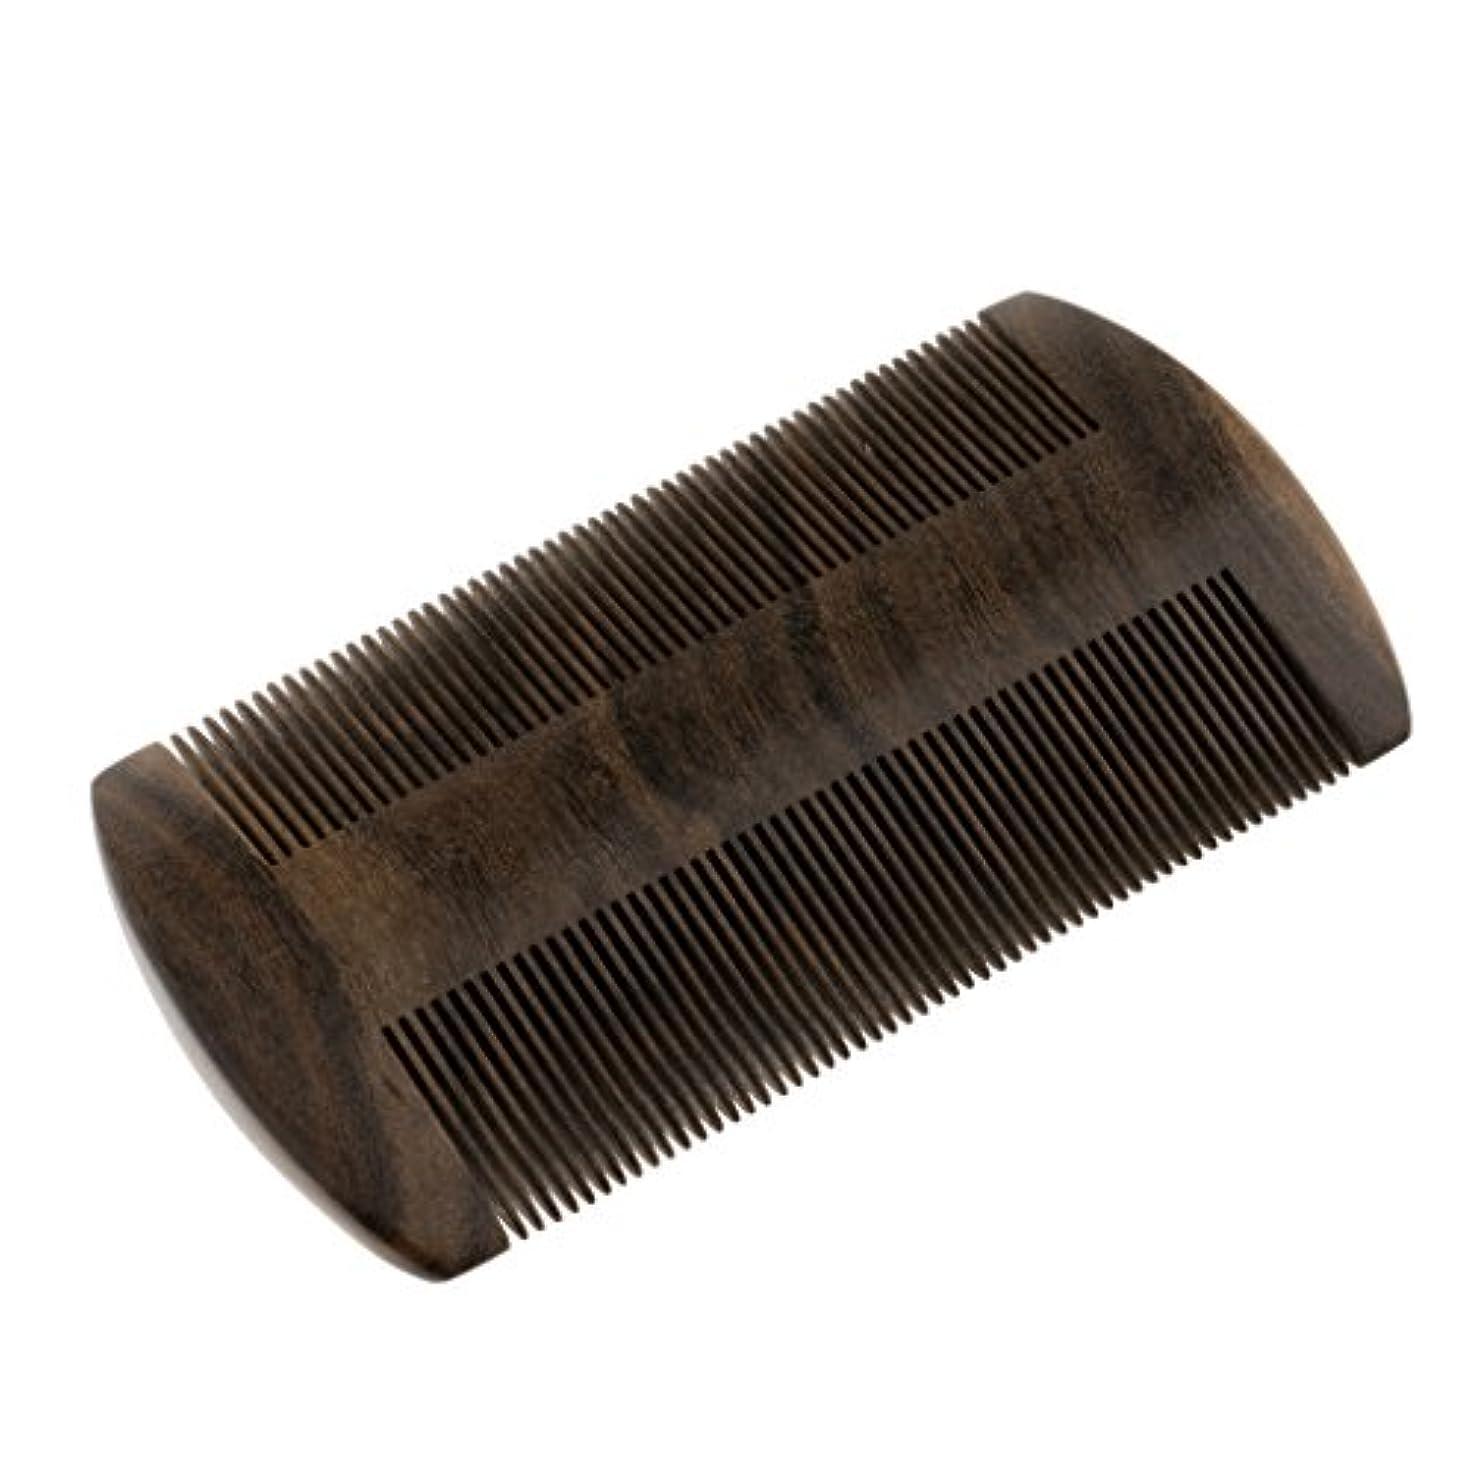 ボタン食物脈拍ヘアブラシ 静電気防止髭剃り櫛 ウッドコーム ミシュコーム 静電気防止